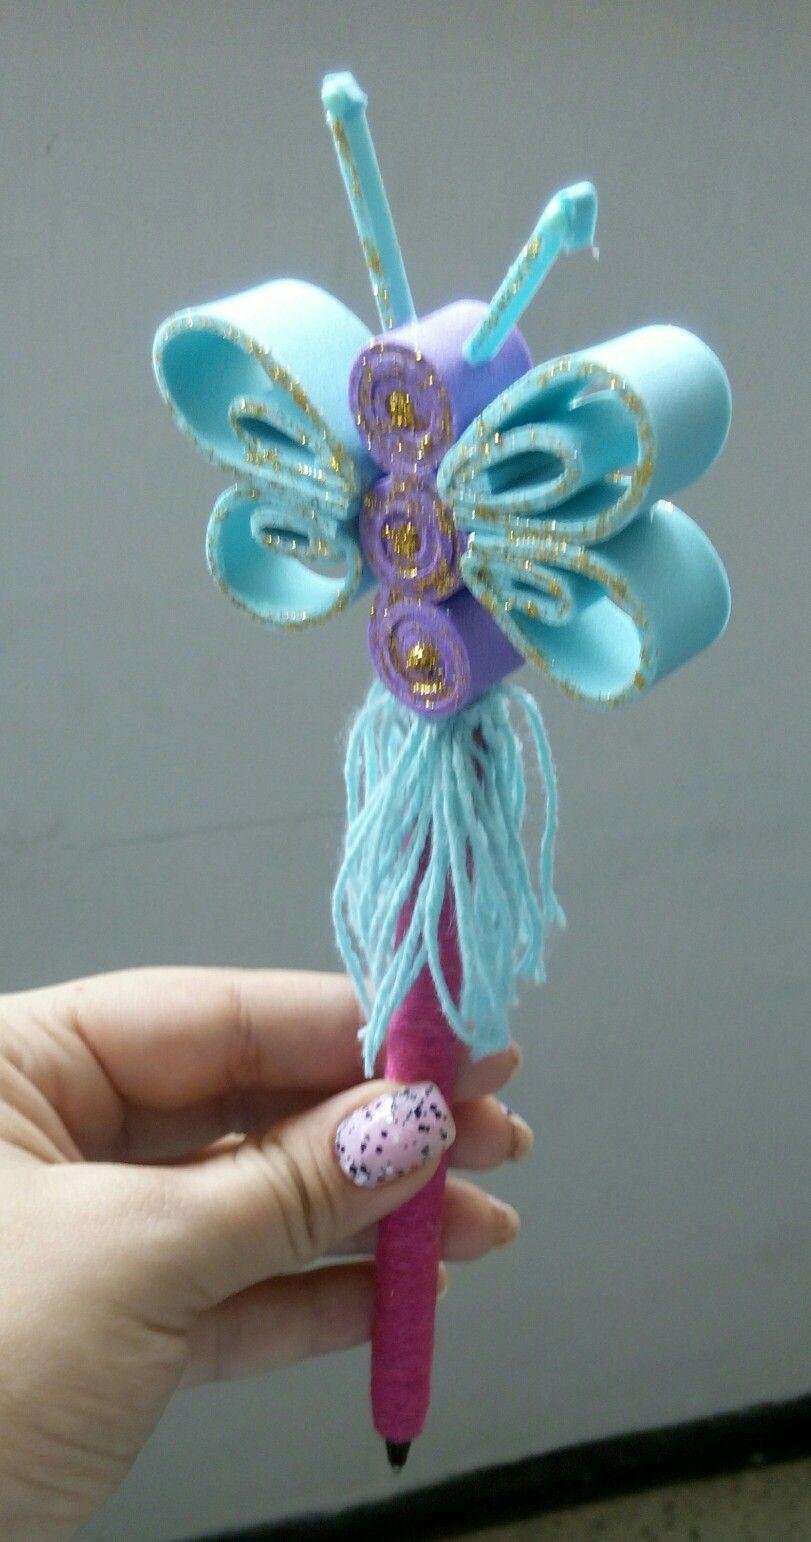 Lapicero decorado con foami y forma de mariposa - Lapiceros reciclados manualidades ...